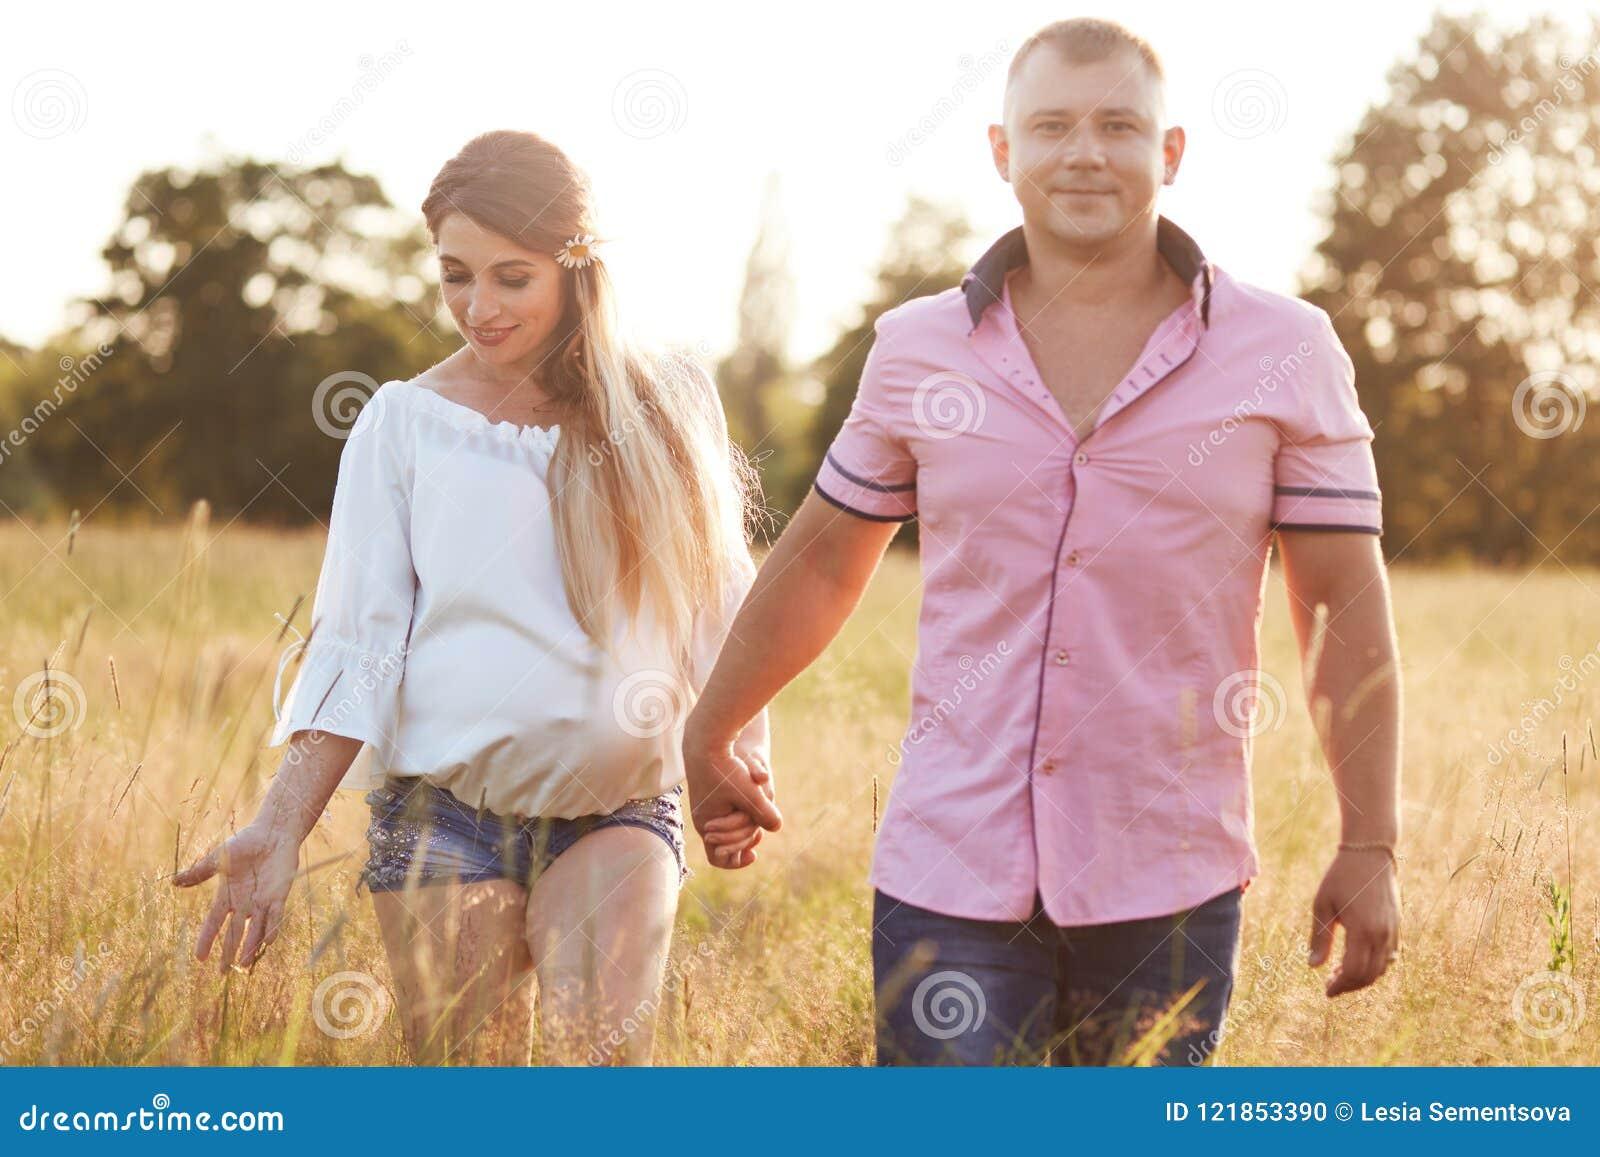 Glückliche junge zukünftige Eltern haben Spaziergang über grüner Wiese, halten Hände, genießen Sie ruhige Atmosphäre, haben glück